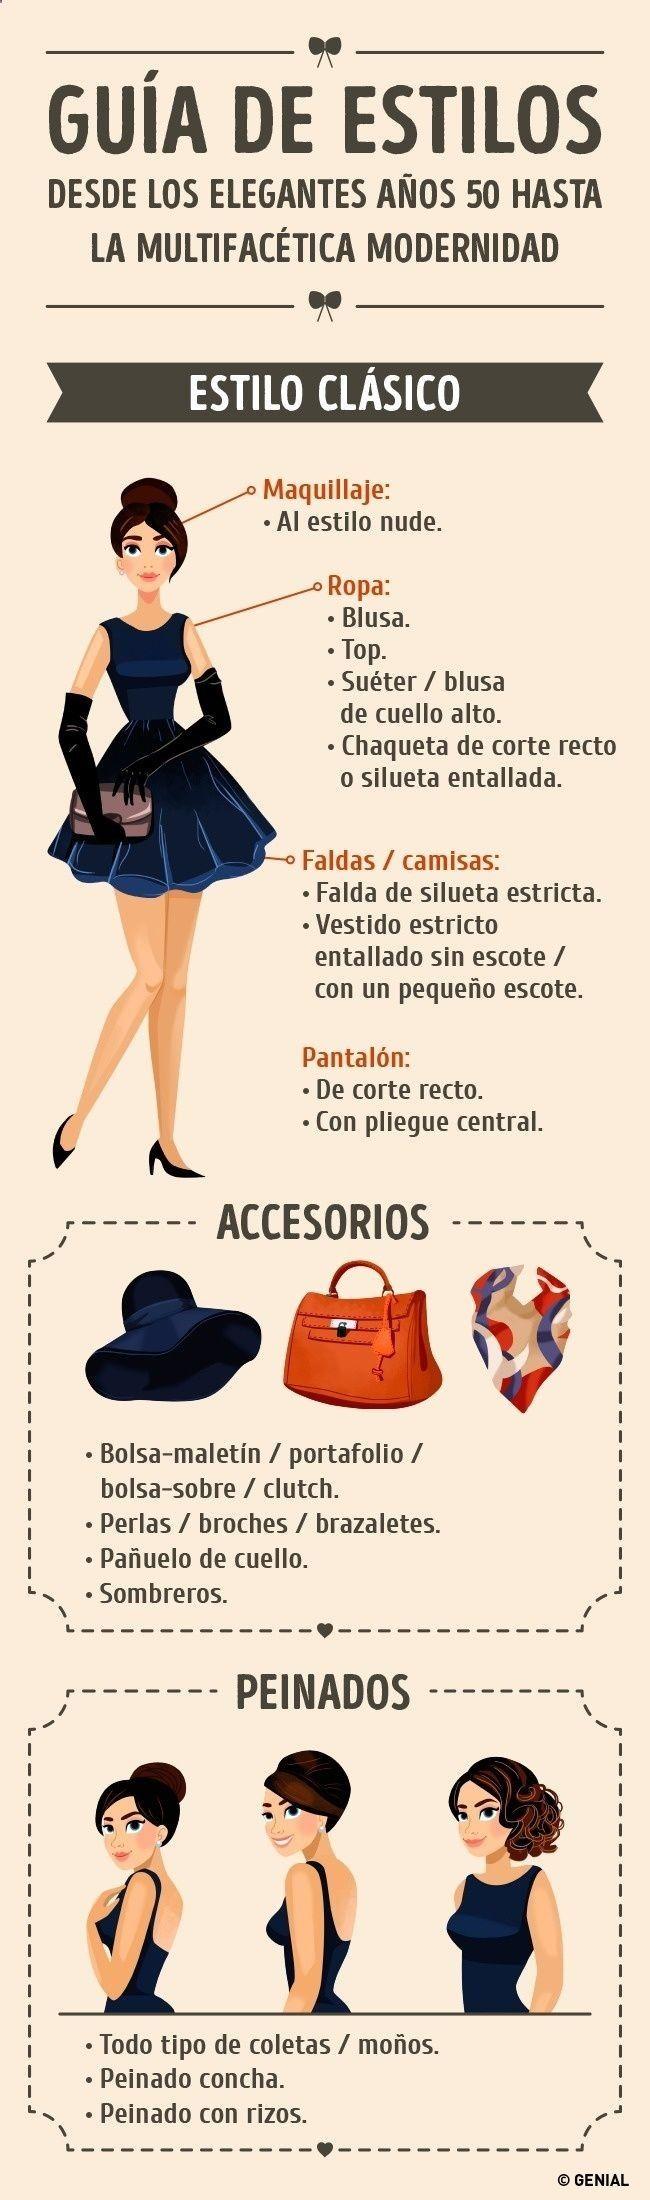 ¿Qué ropa, maquillaje y accesorios se llevan en el estilo clásico? #estilo #moda #clasico